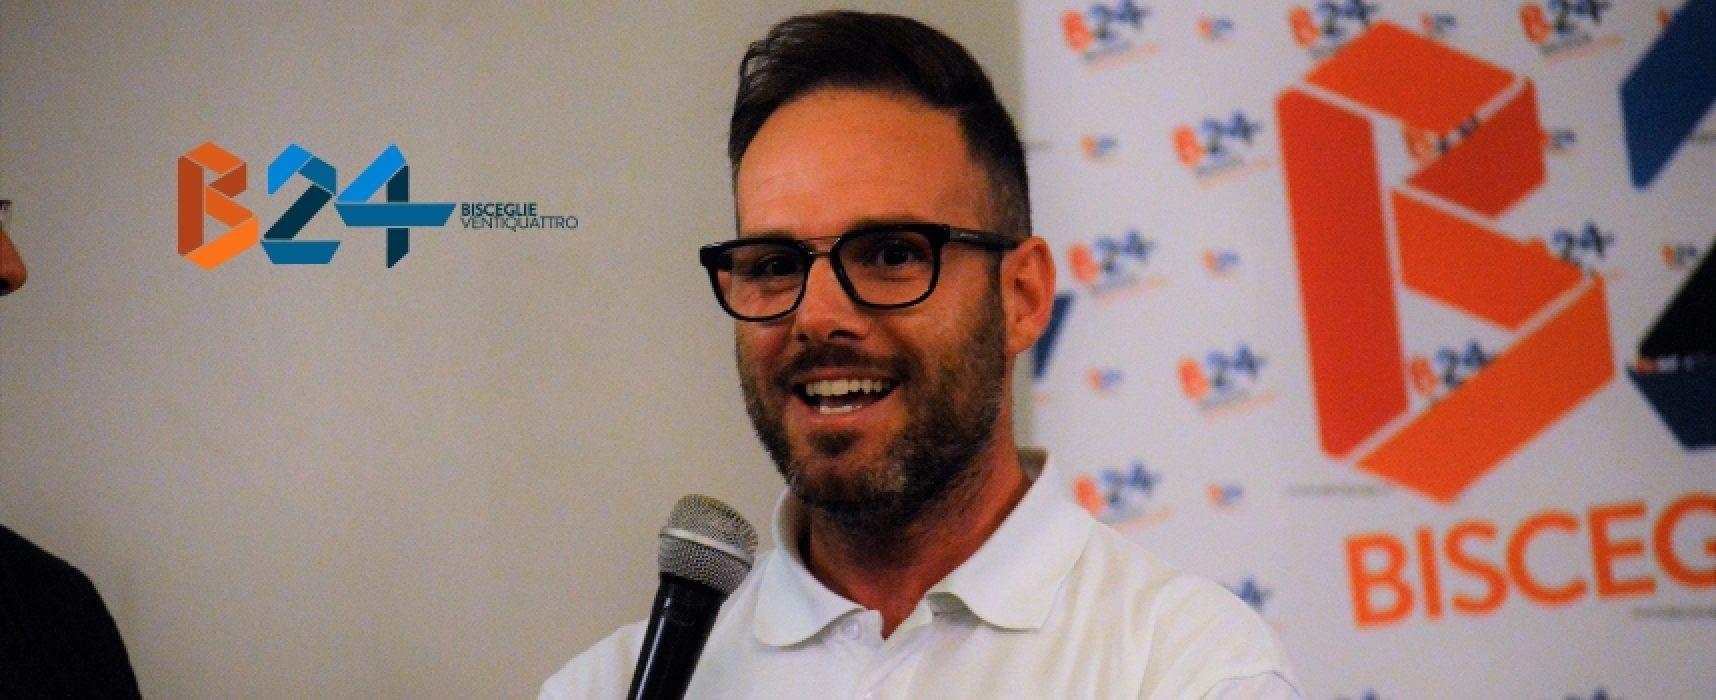 Futbol Cinco, Maurizio Di Pinto è il nuovo tecnico